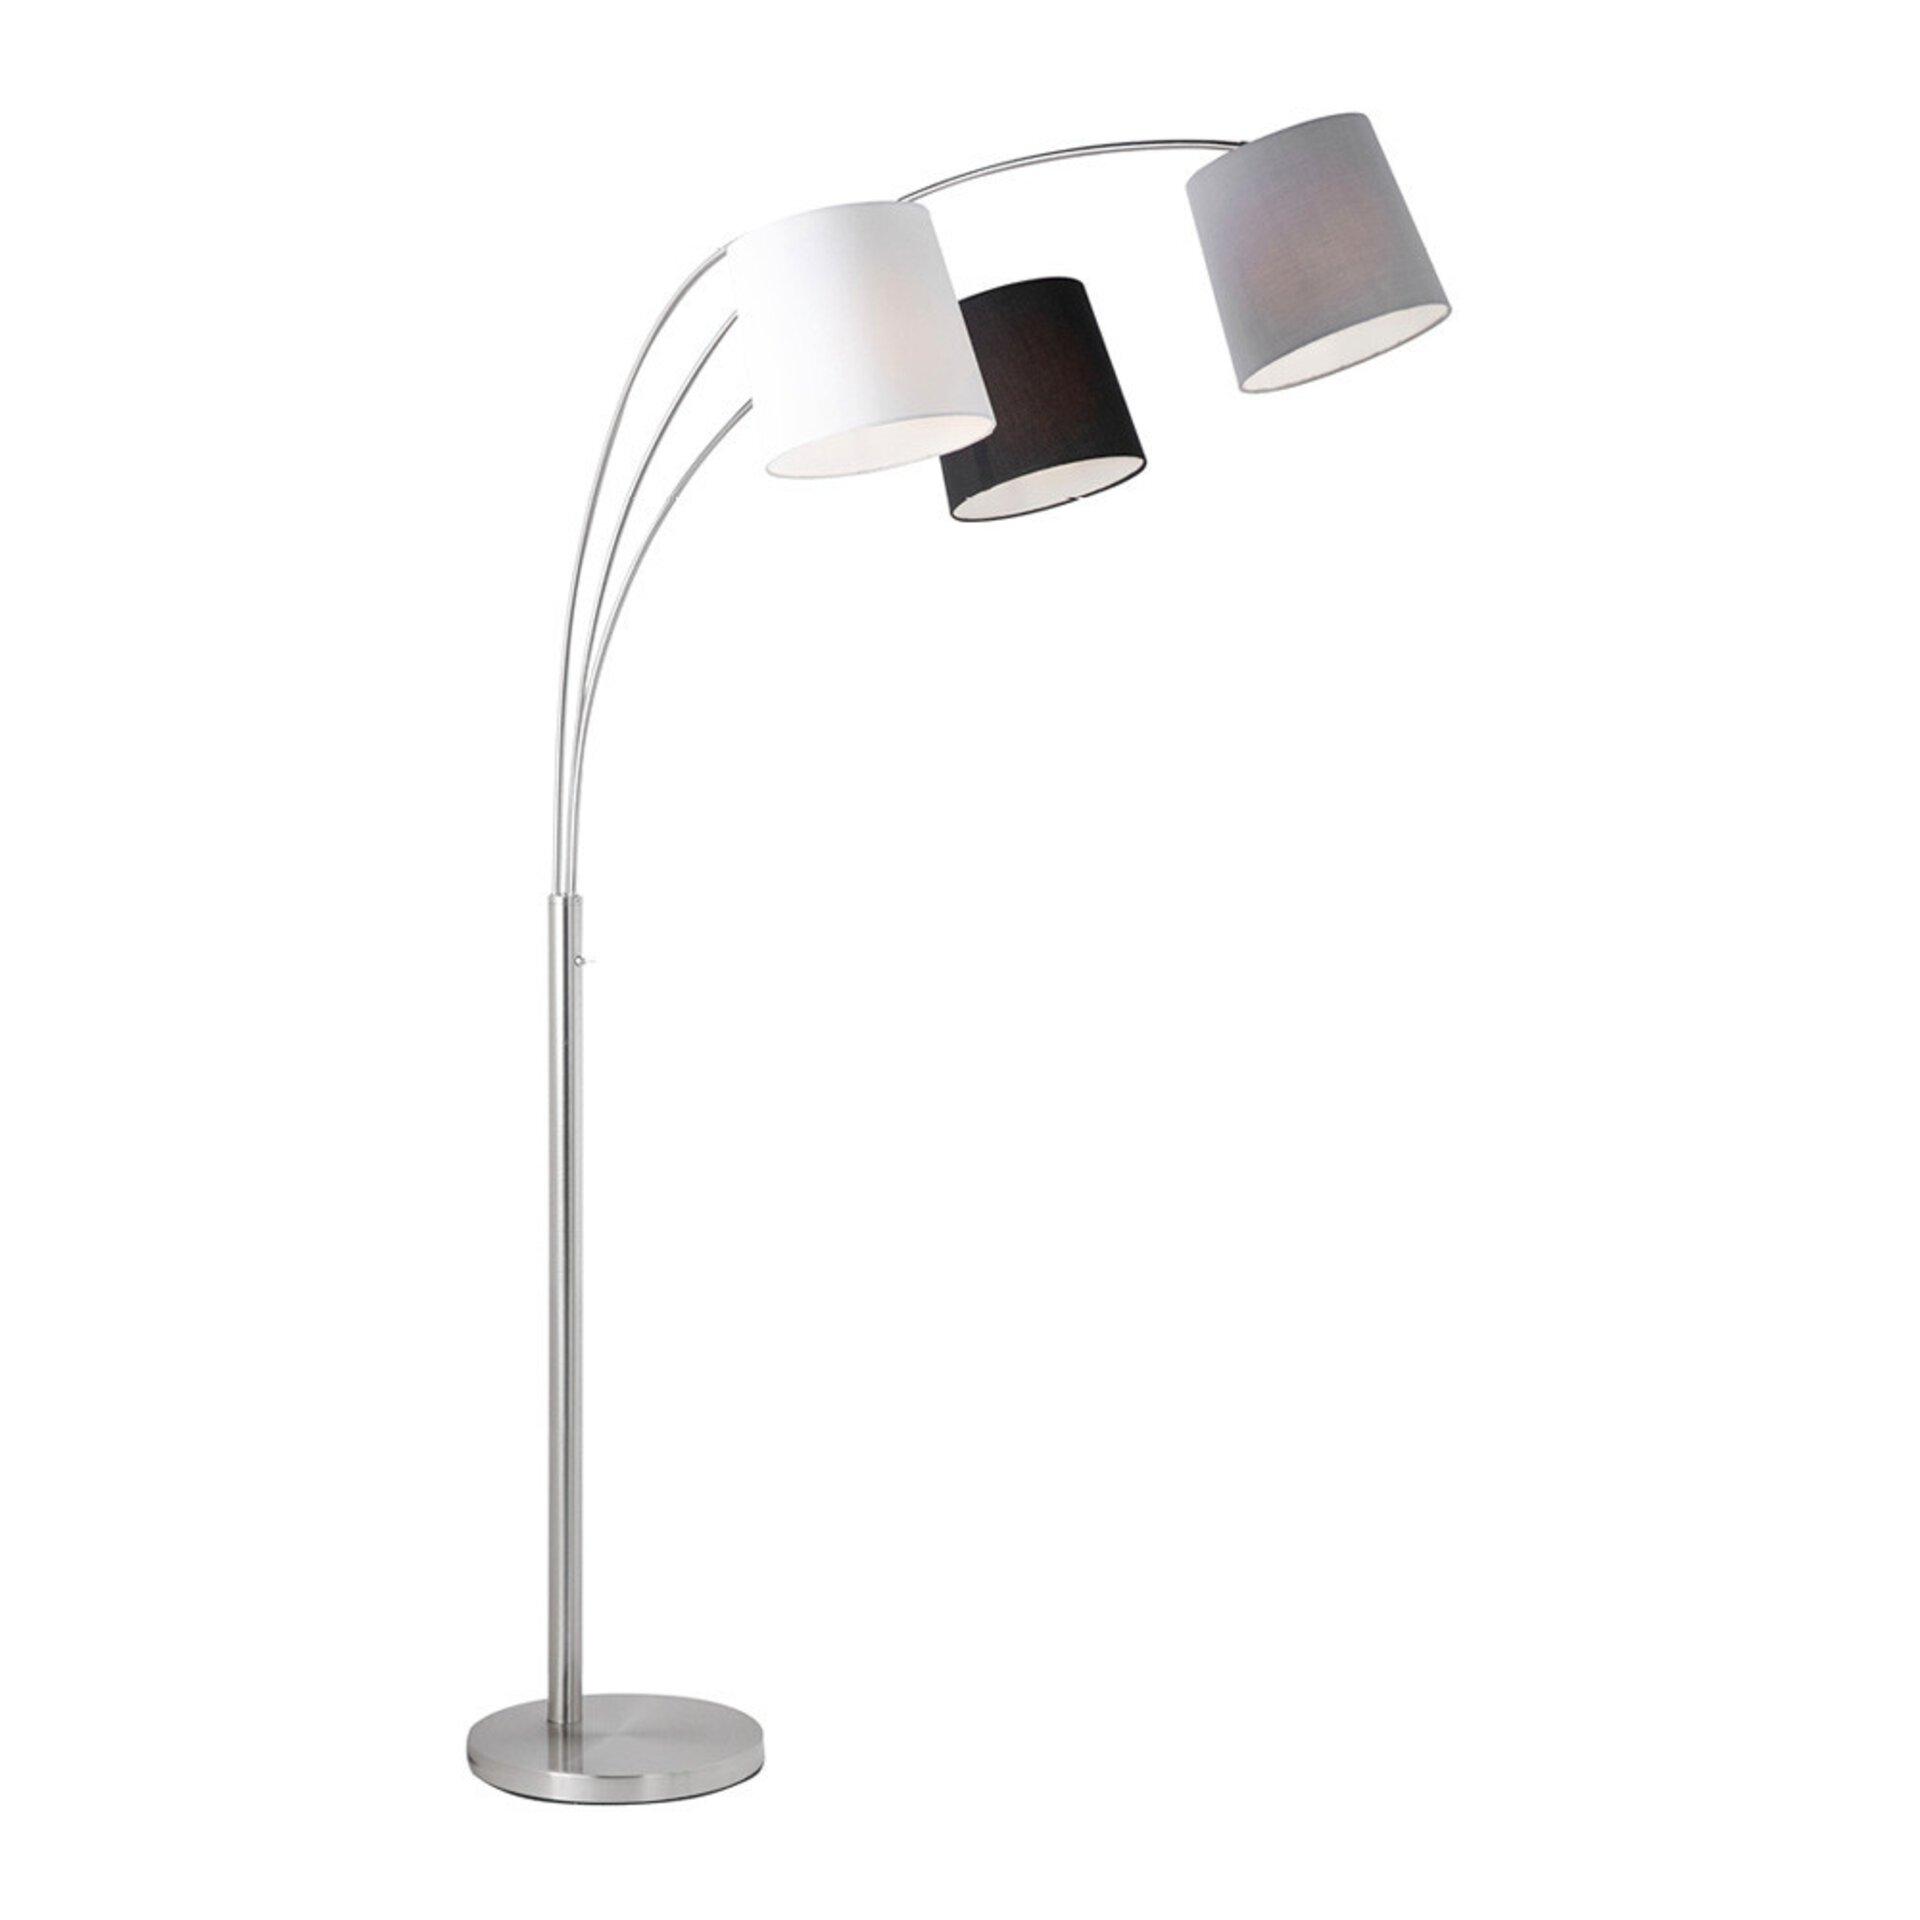 Stehleuchte MELVIN Leuchtendirekt Metall silber 32 x 180 x 95 cm